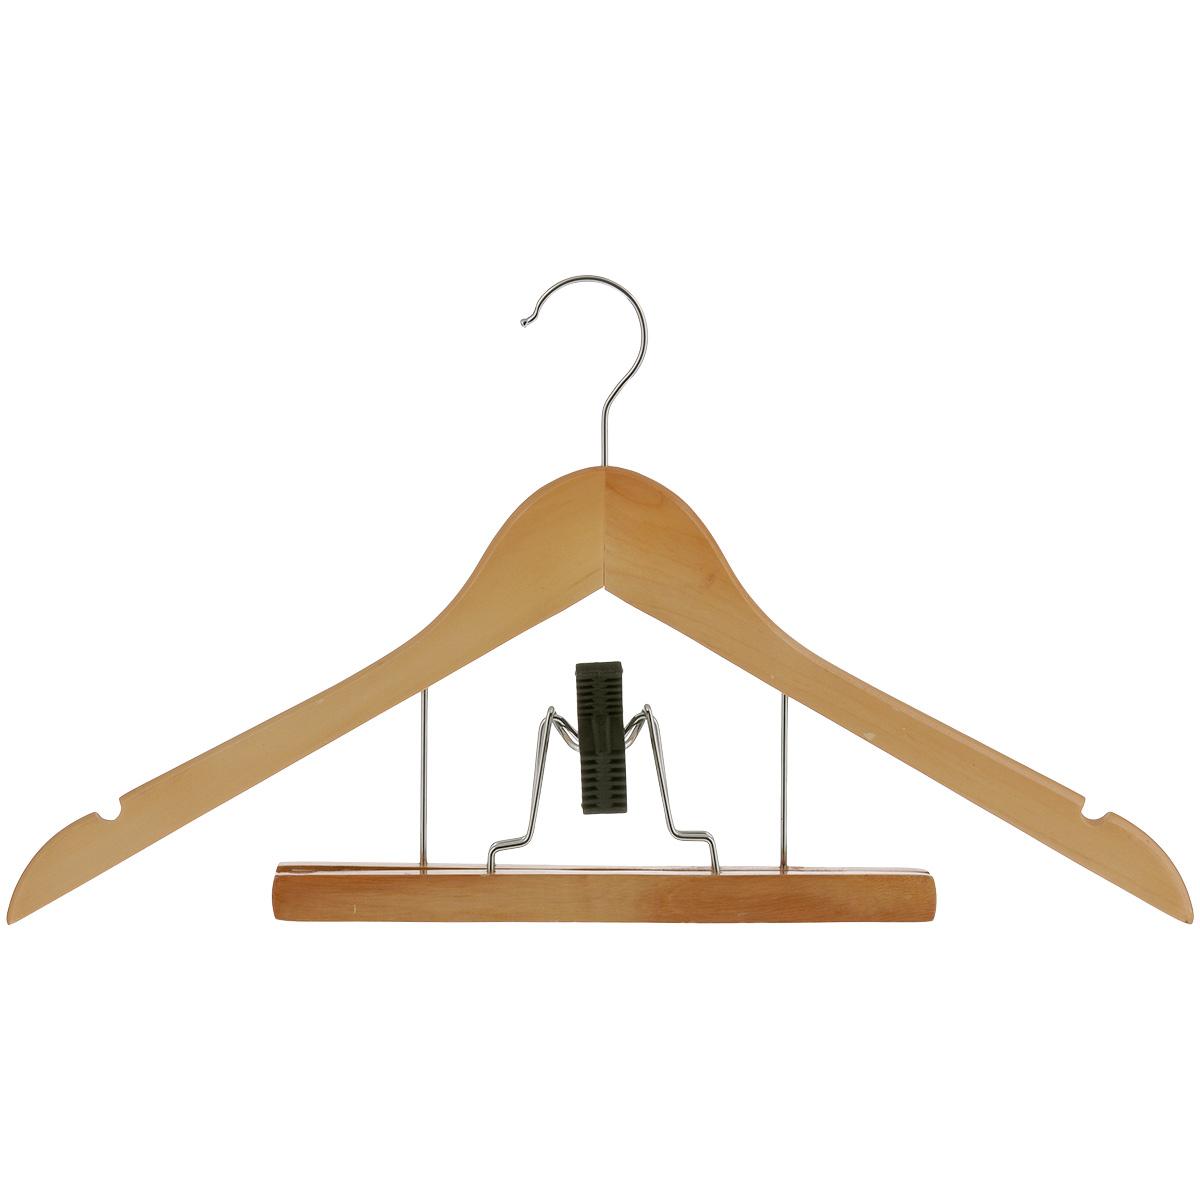 Вешалка Miolla, с зажимом для брюк, 44 см2511008Вешалка Miolla, изготовленная из дерева, предназначена для аккуратного хранения одежды. Вешалка снабжена двумя выемками для юбок и специальным зажимом для брюк. Створки зажима имеют специальные мягкие накладки, чтобы не повредить ткань. Вешалка - это незаменимый аксессуар для того, чтобы ваша одежда всегда оставалась в хорошем состоянии.